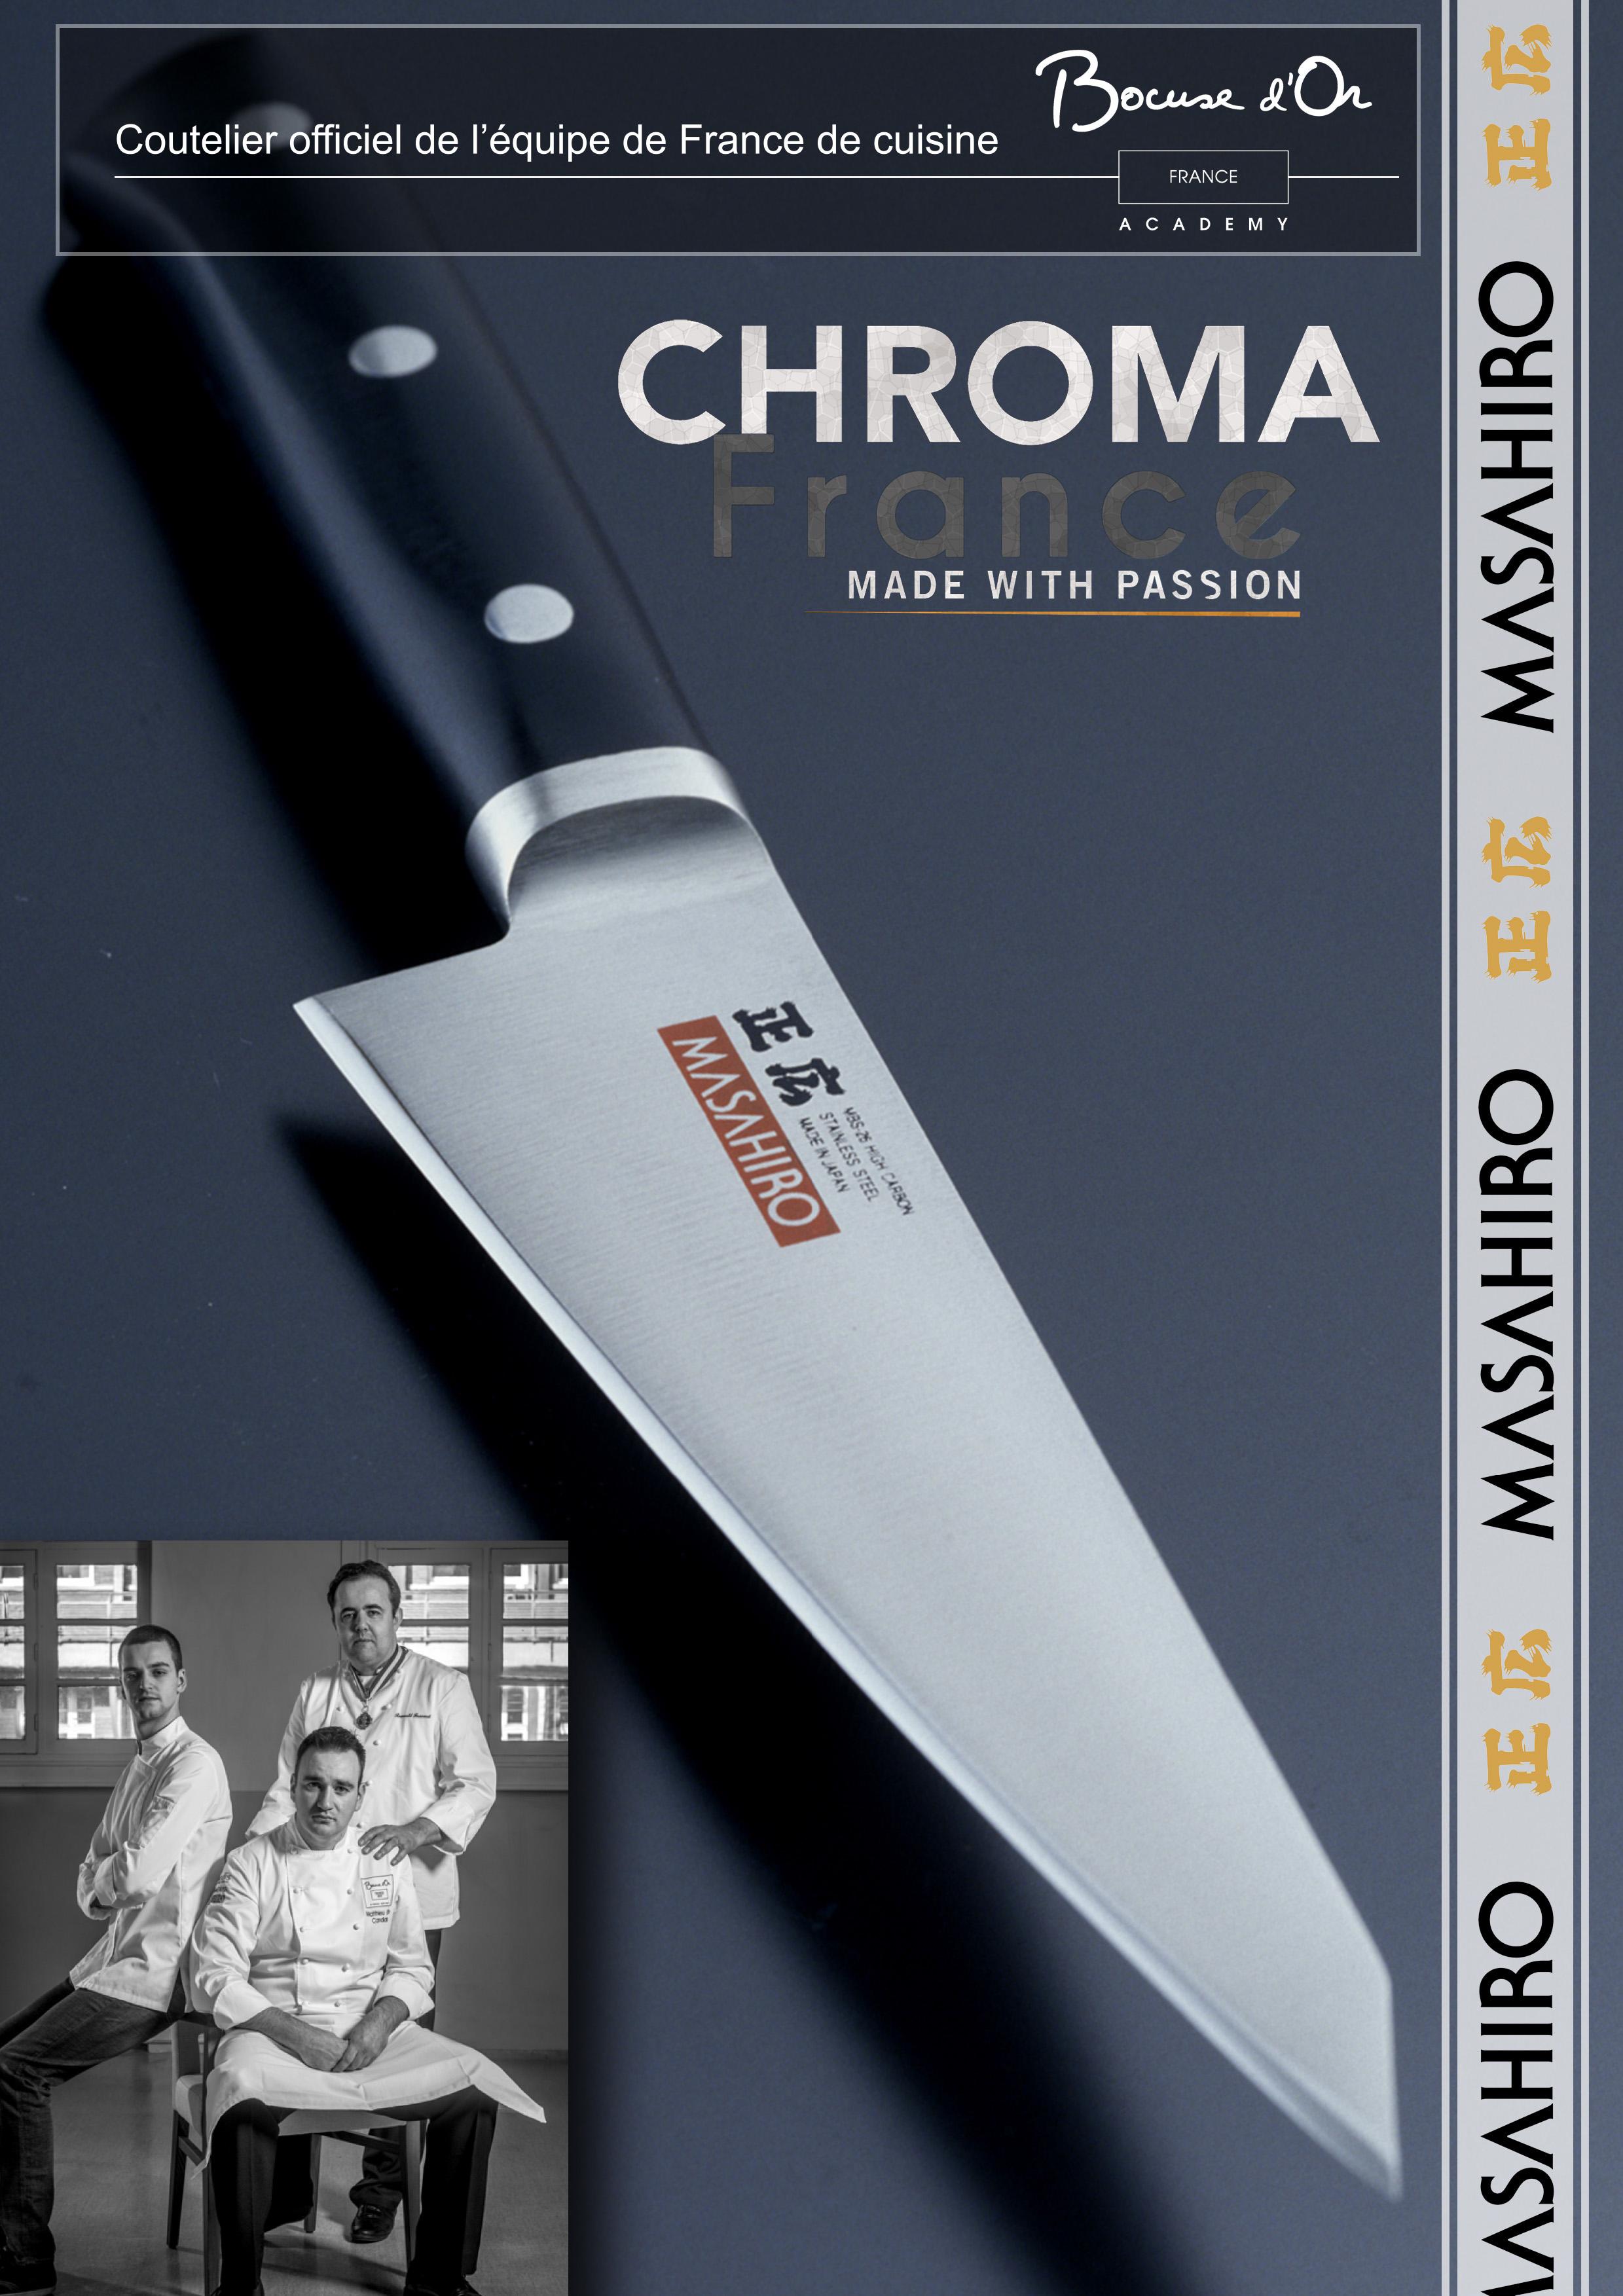 Couteau japonais le meilleur des couteaux de cuisine - Les couteaux de cuisine ...